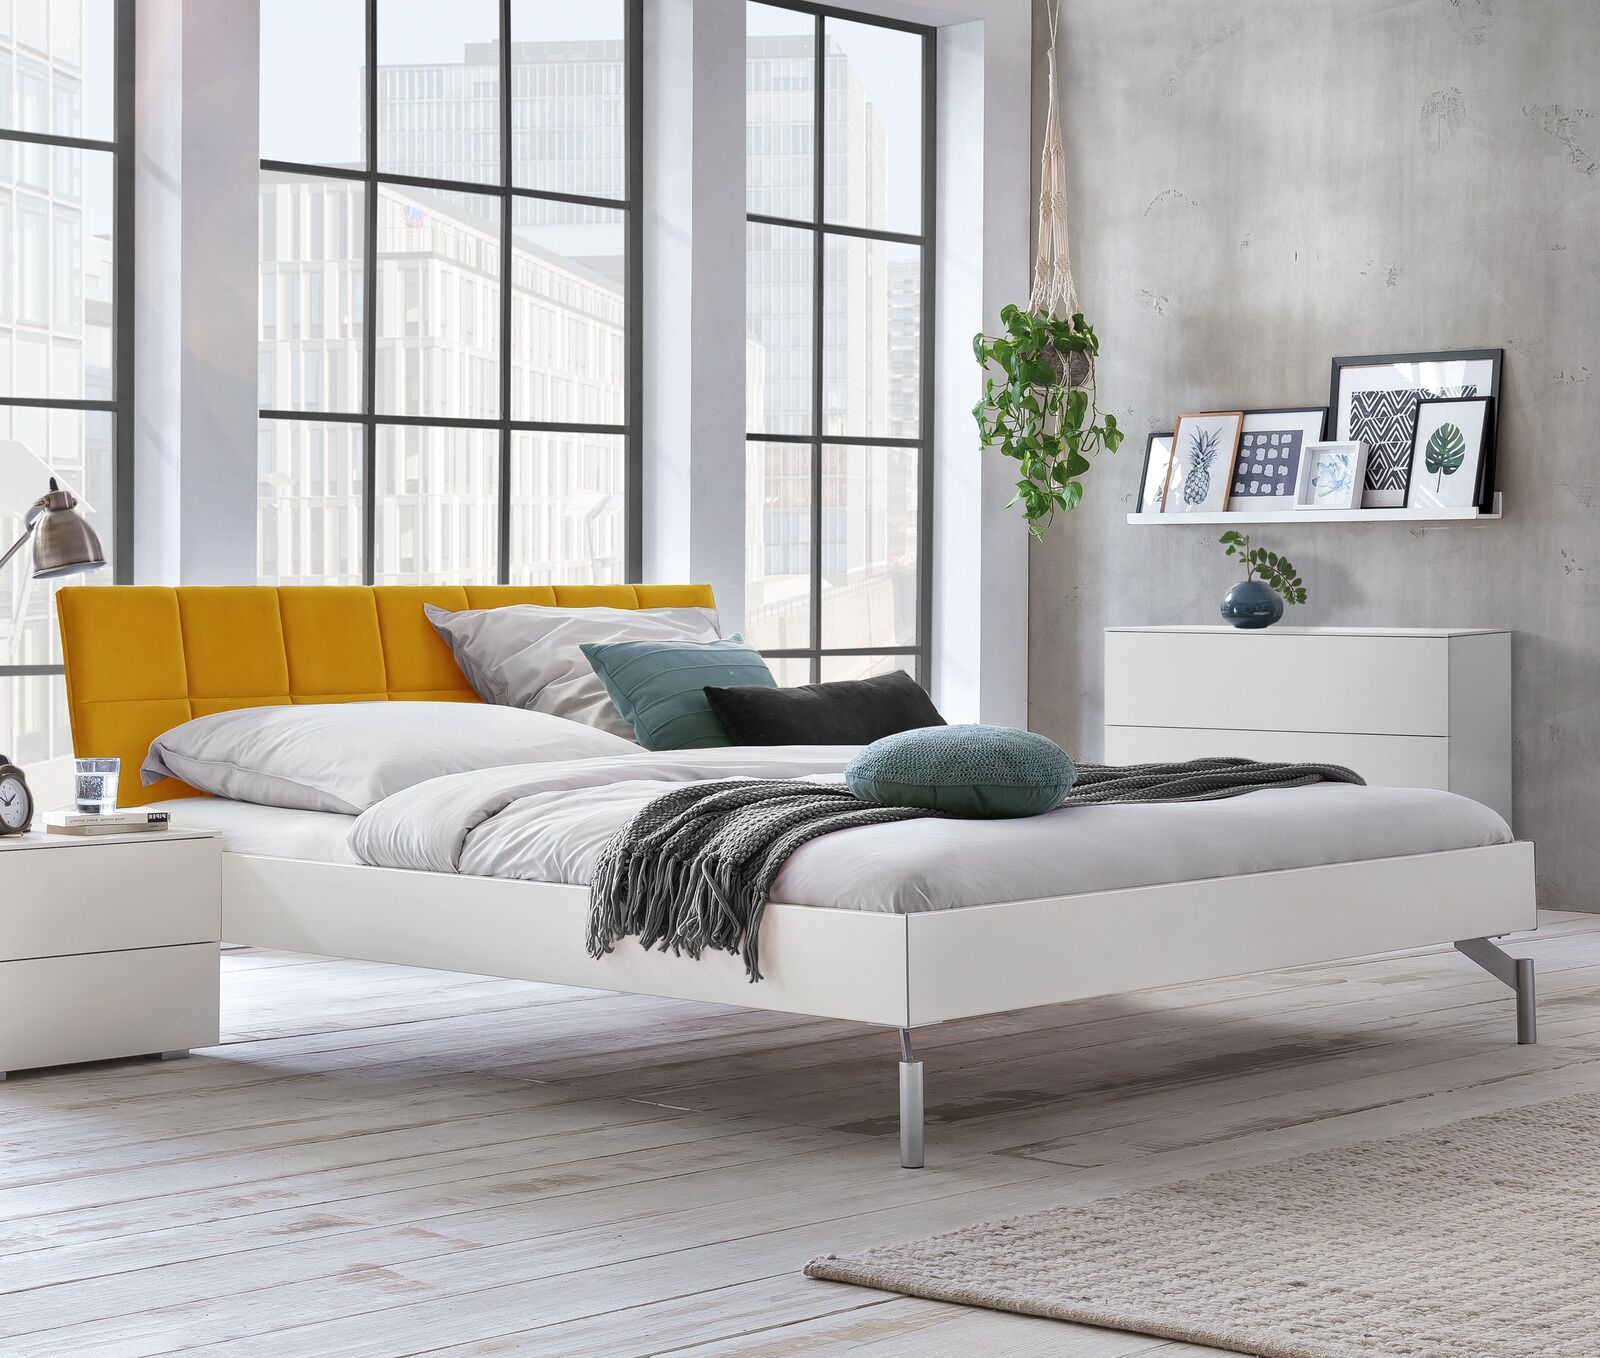 Full Size of Bett Modern Design Italienisches Puristisch Stabiles Einzel Und Doppelbett In Wei Mit Samt Kopfteil Akuma Schubladen 160x200 Wickelbrett Für Niedrig Podest Bett Bett Modern Design